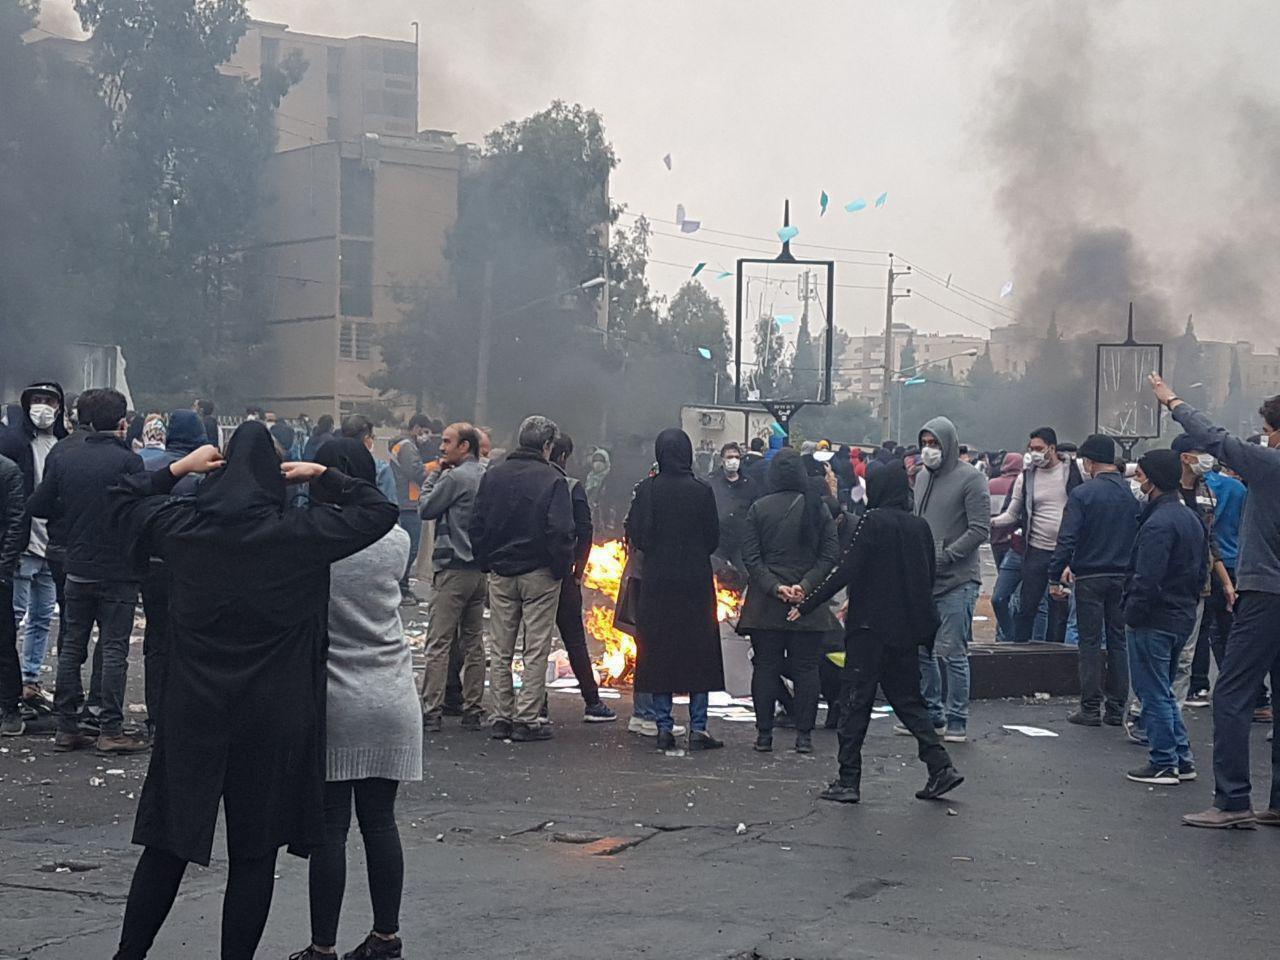 با آغاز تظاهرات و اعتراضات مردم ایران به افزایش قیمت بنزین، جمهوری اسلامی دسترسی به اینترنت را بسیار محدود ومختل کرده است.